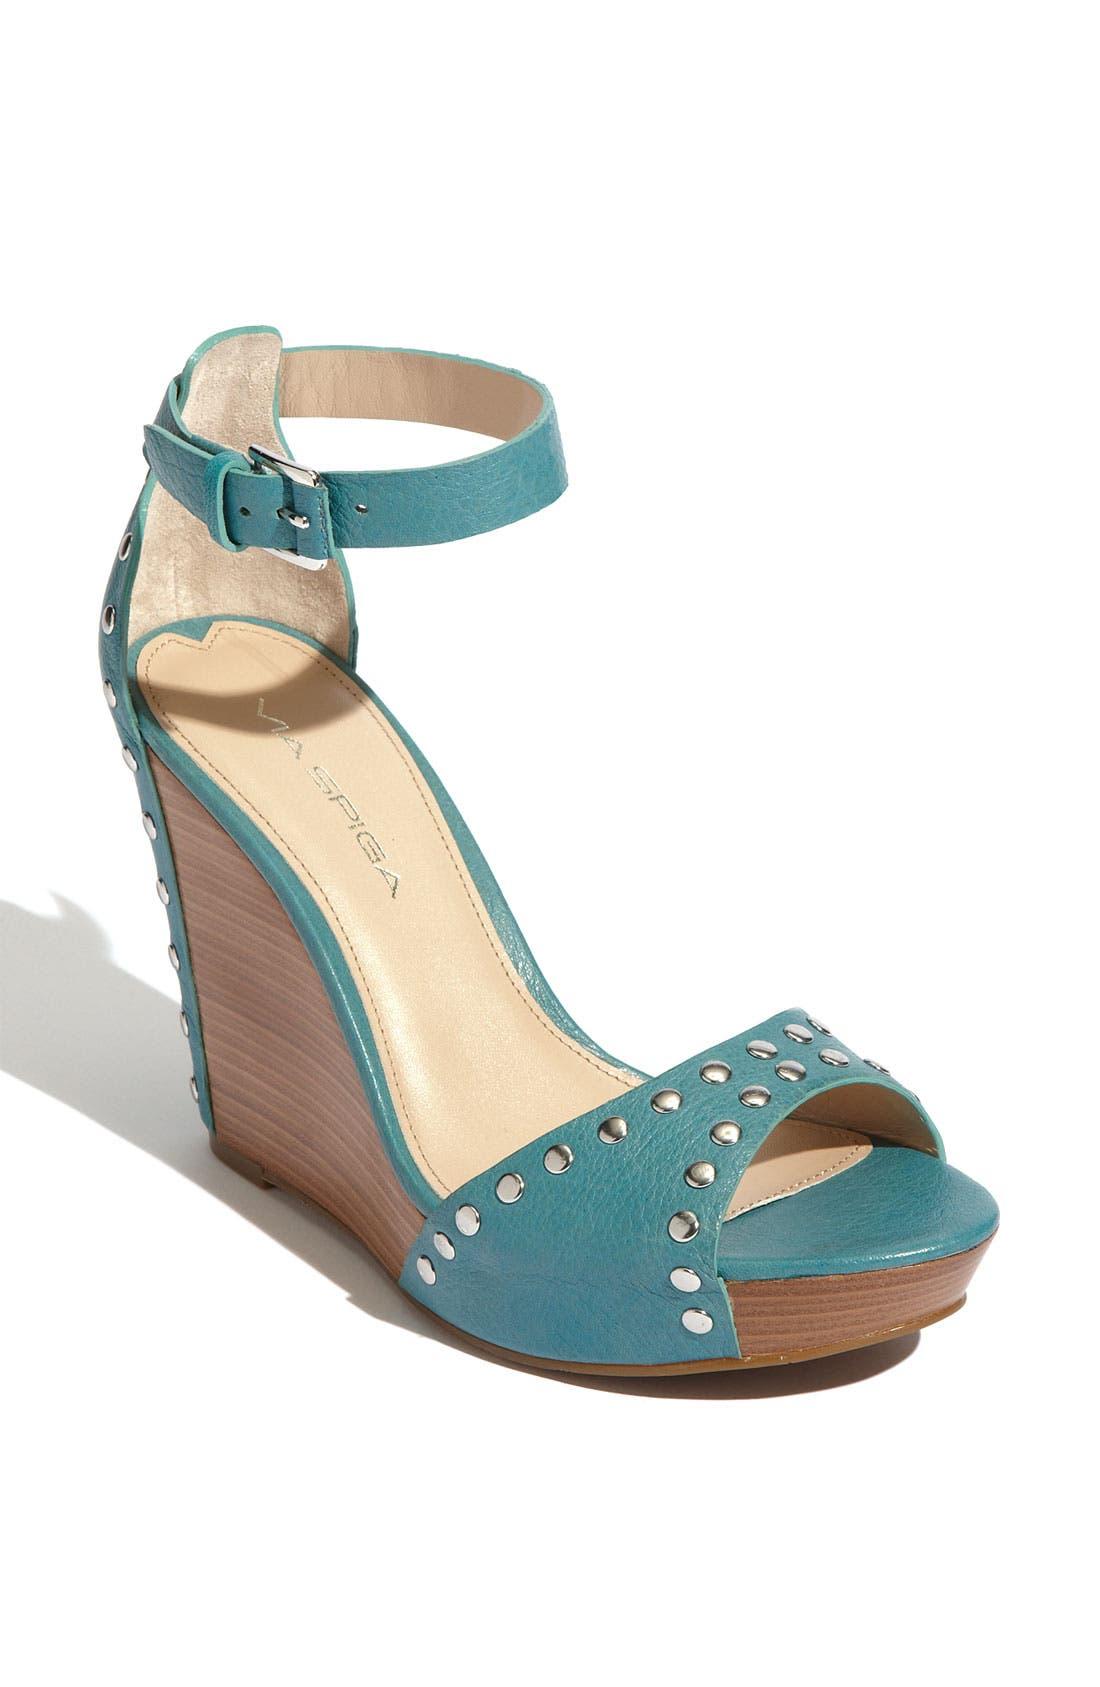 Alternate Image 1 Selected - Via Spiga 'Mercato' Sandal